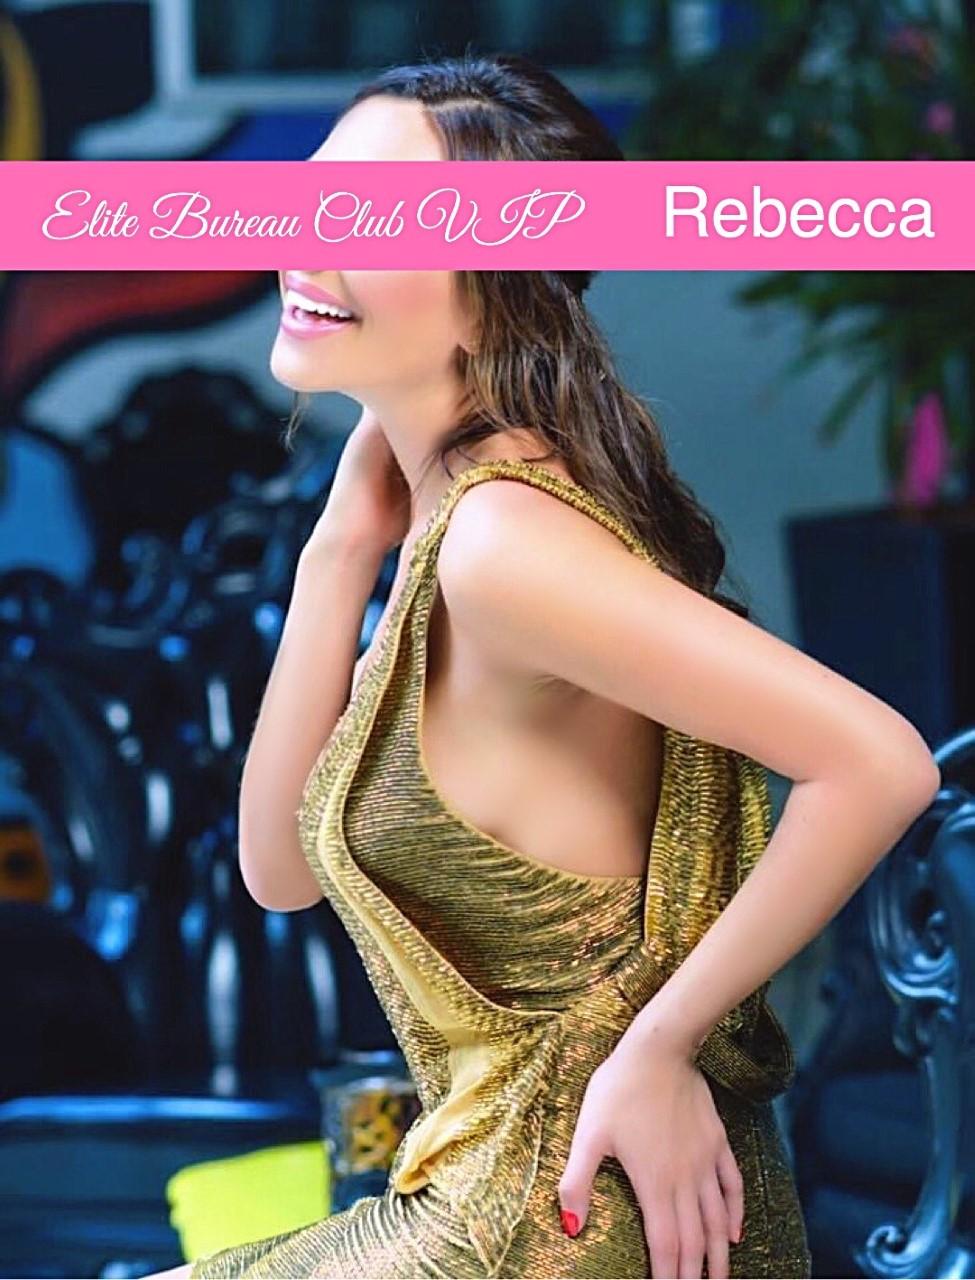 New Super Model VIP Rebecca Ashley